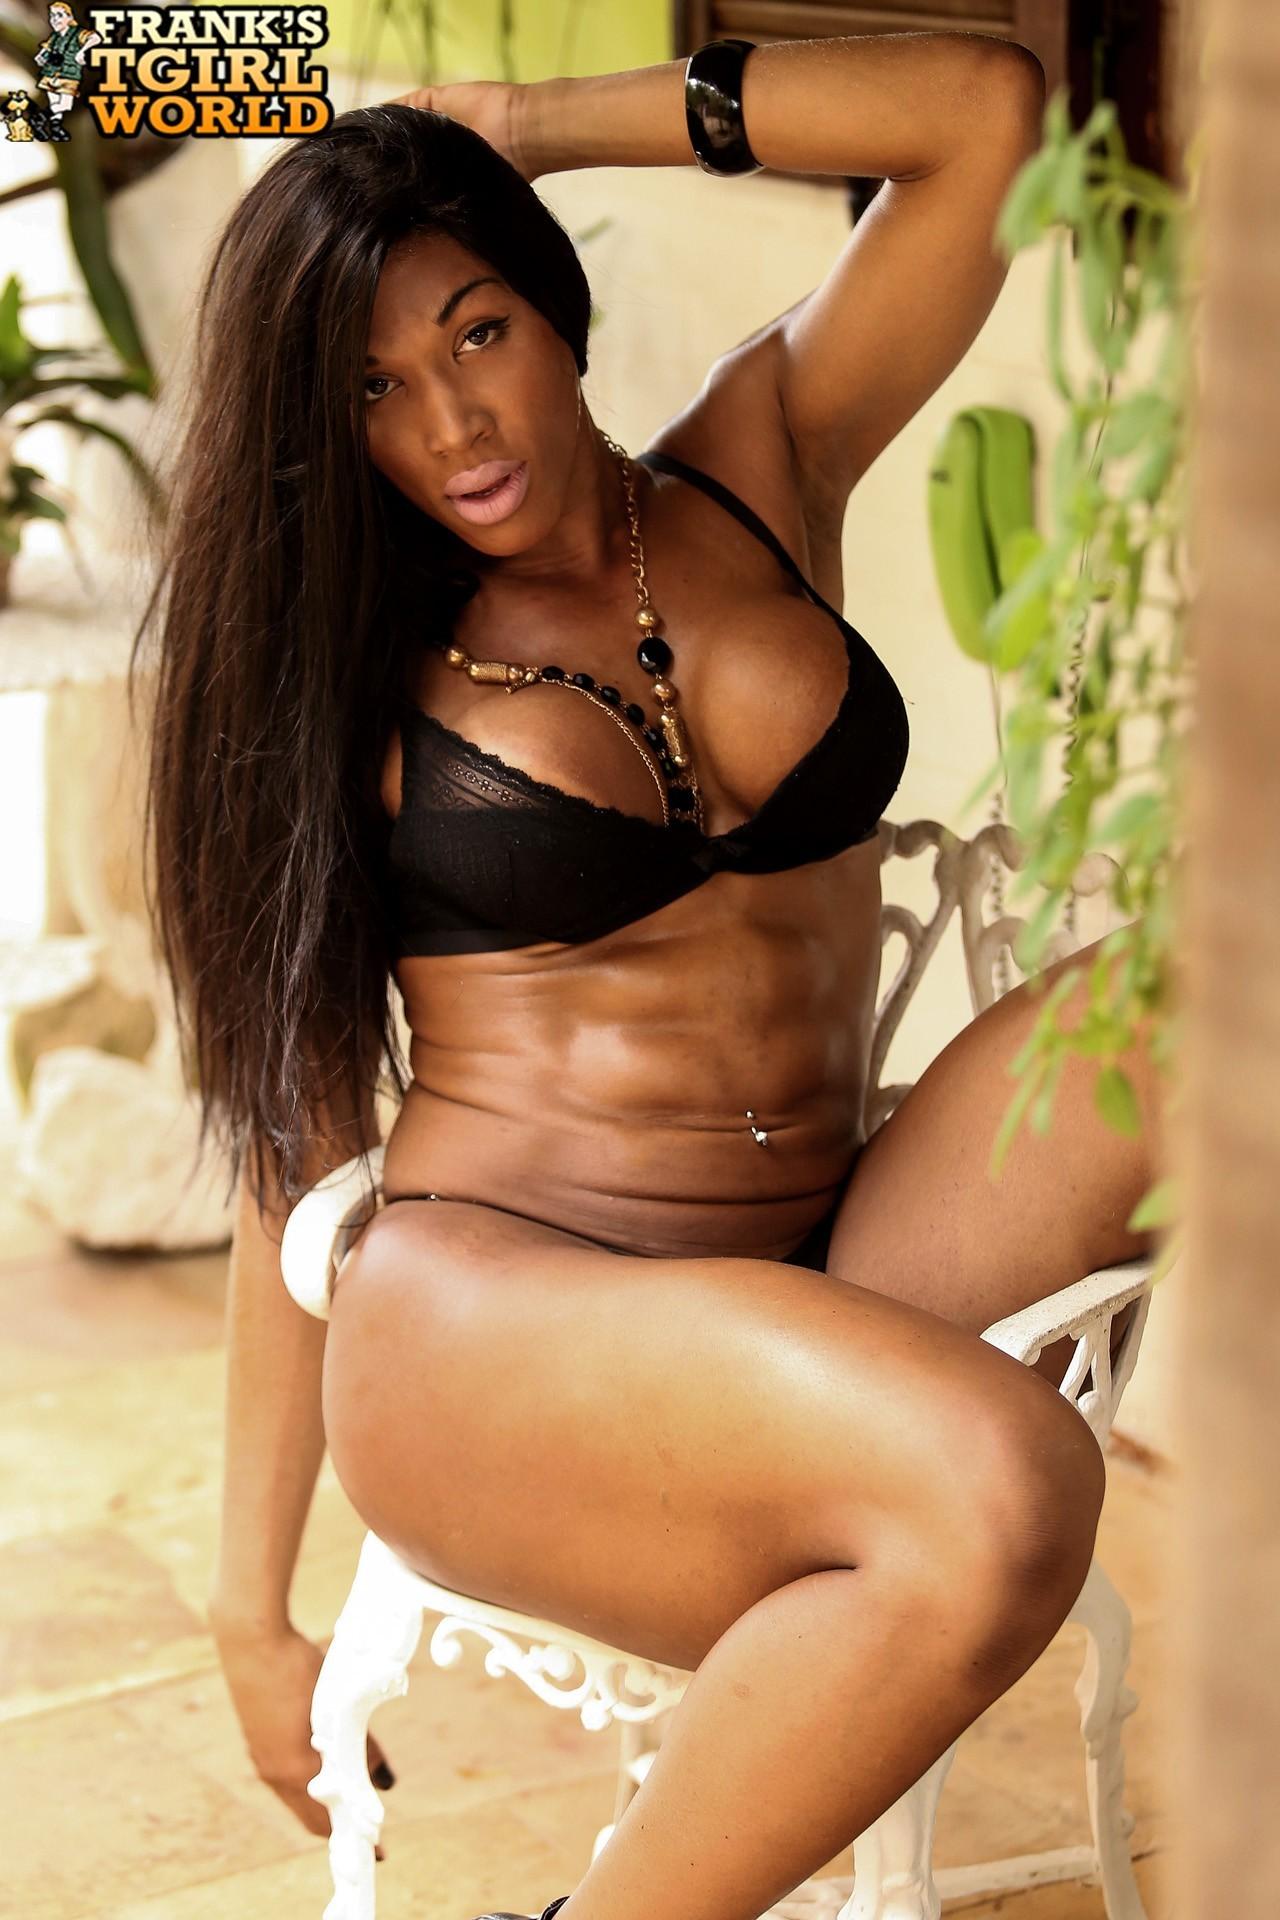 Veronica Bolina Shows Us Her Sensual Body